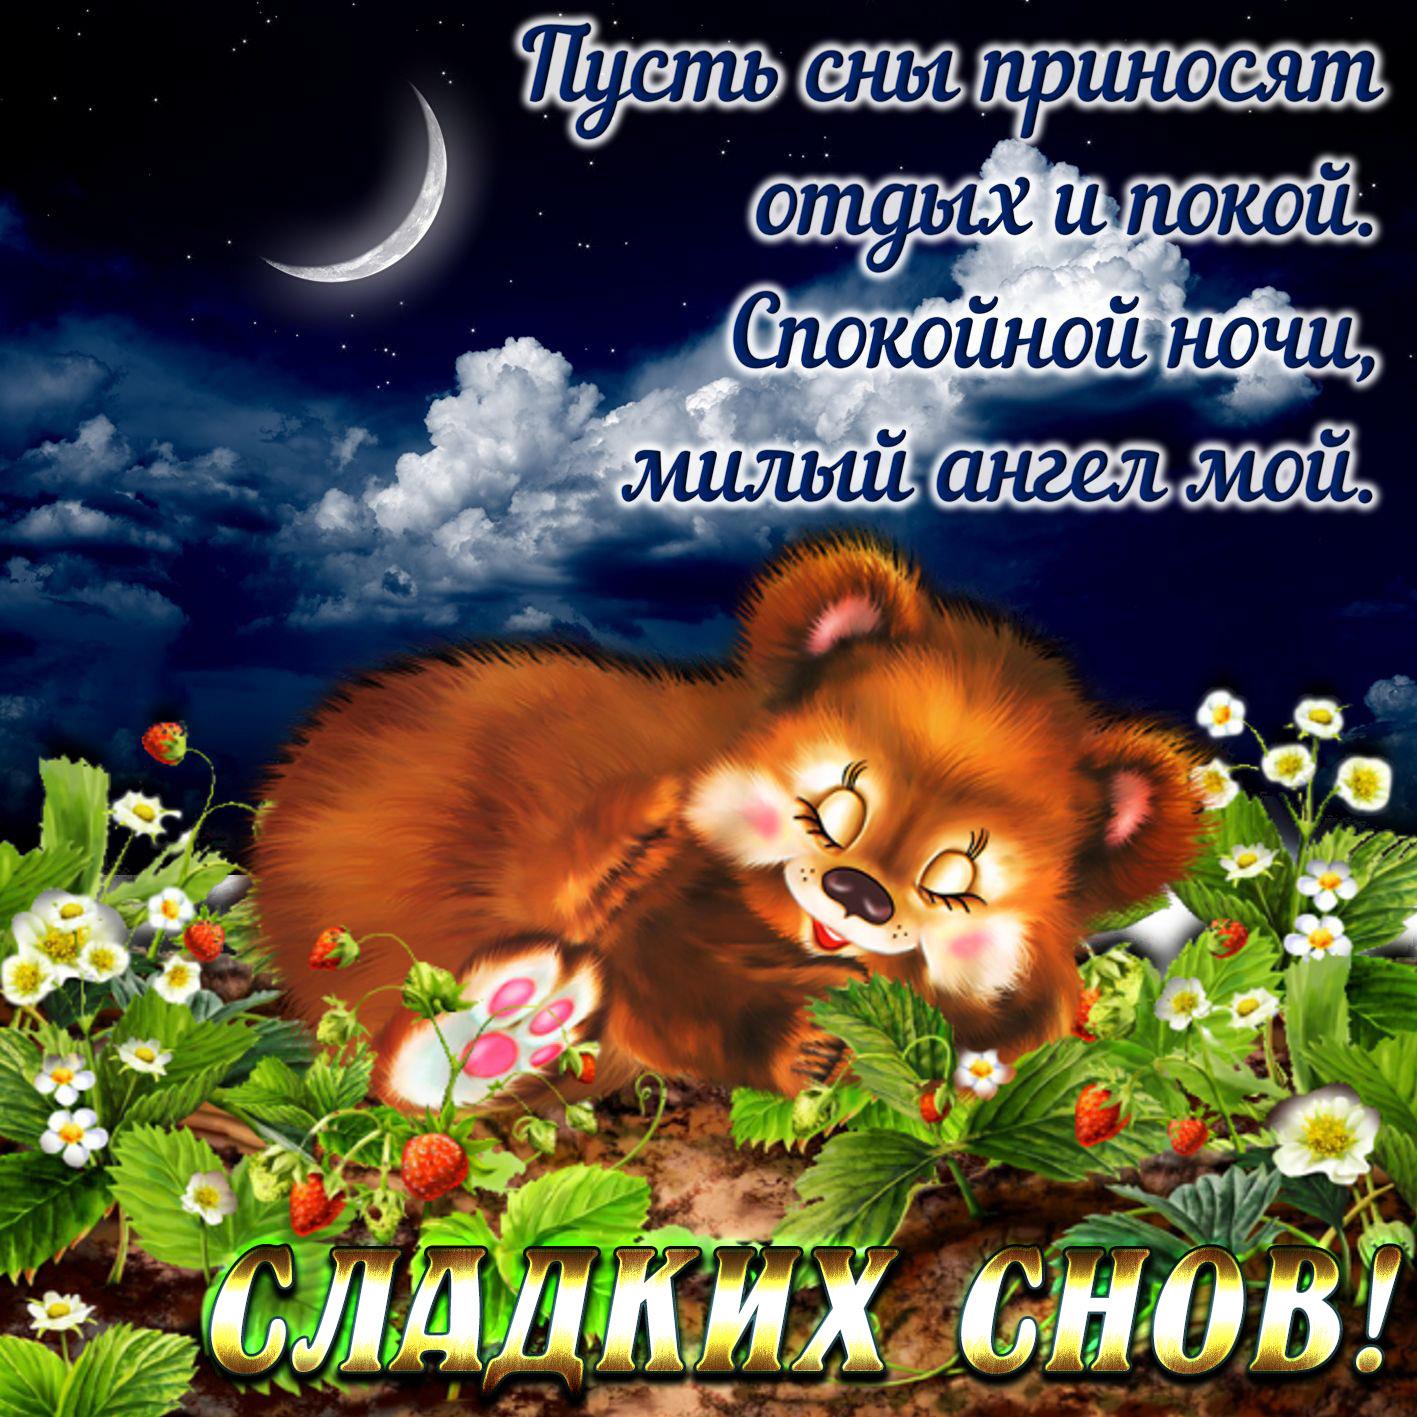 Открытка для любимого с пожелание доброй ночи